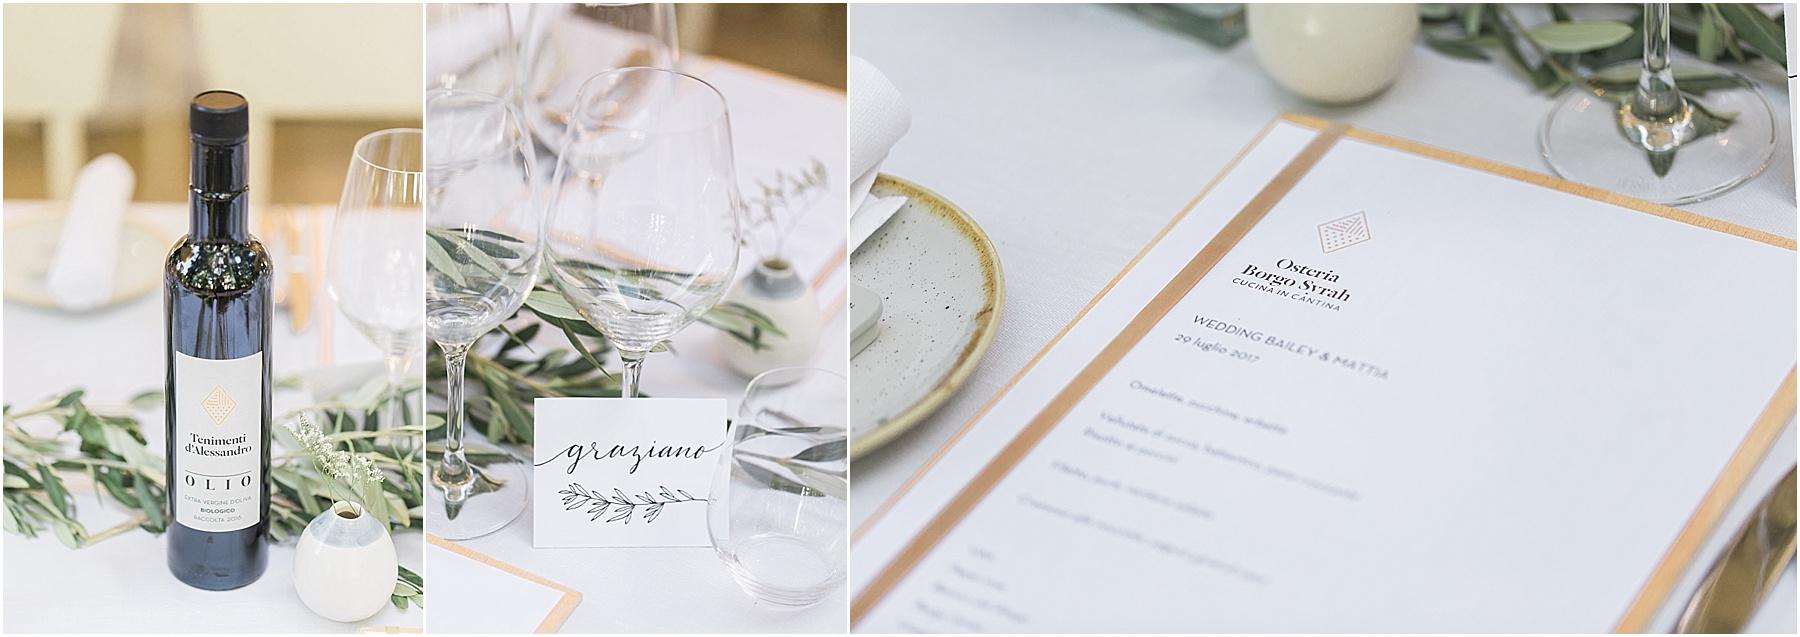 decor and beautiful bomboniere wedding favors ceramiche pottery at Osteria Borgo Syrah in Cortona Italy tablescape menus calligraphy in Italian wine glasses olio evoo